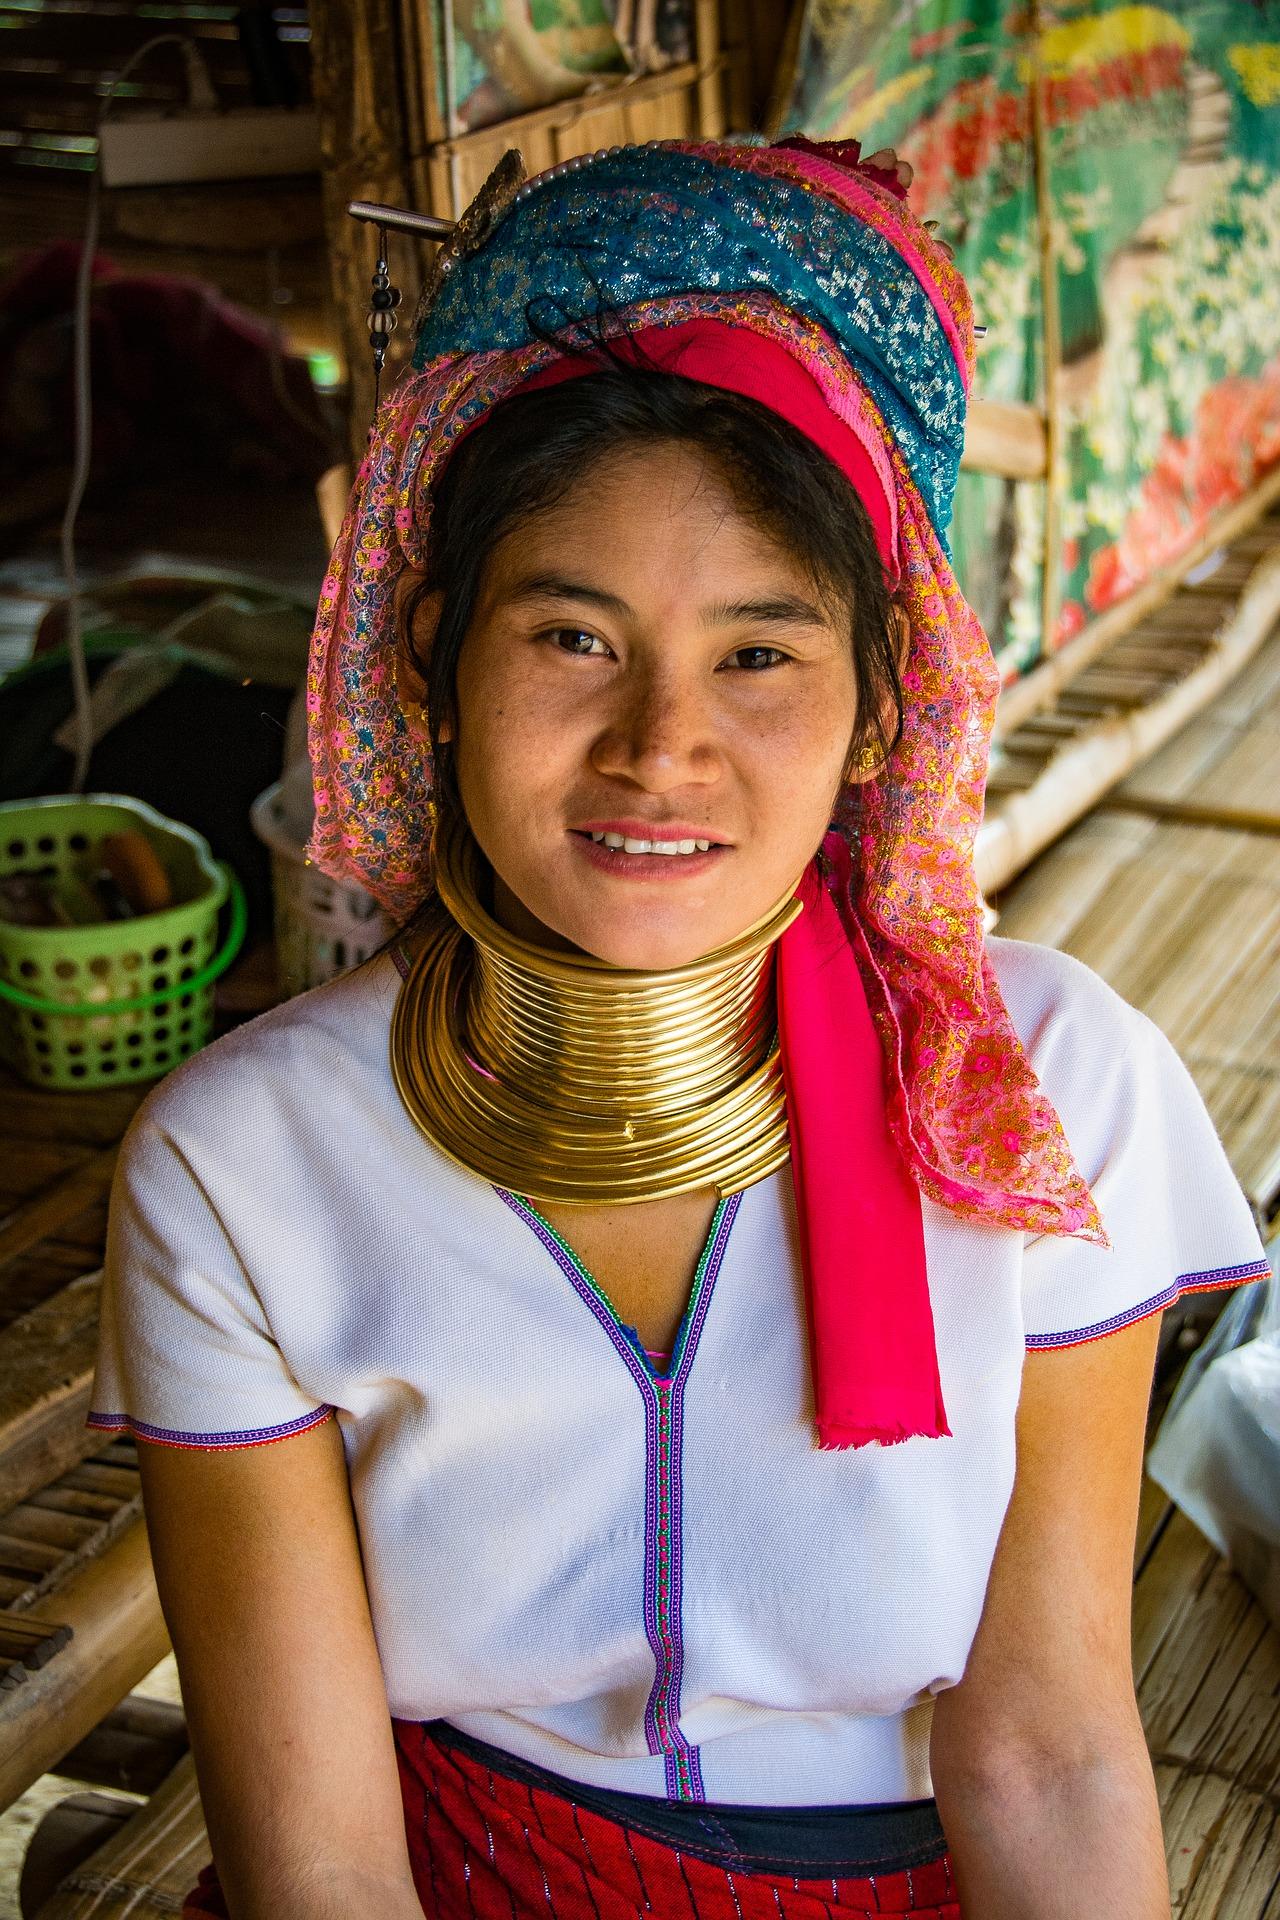 A maior parte das mulheres que usam argolas no pescoço vivem na tribo de Karen